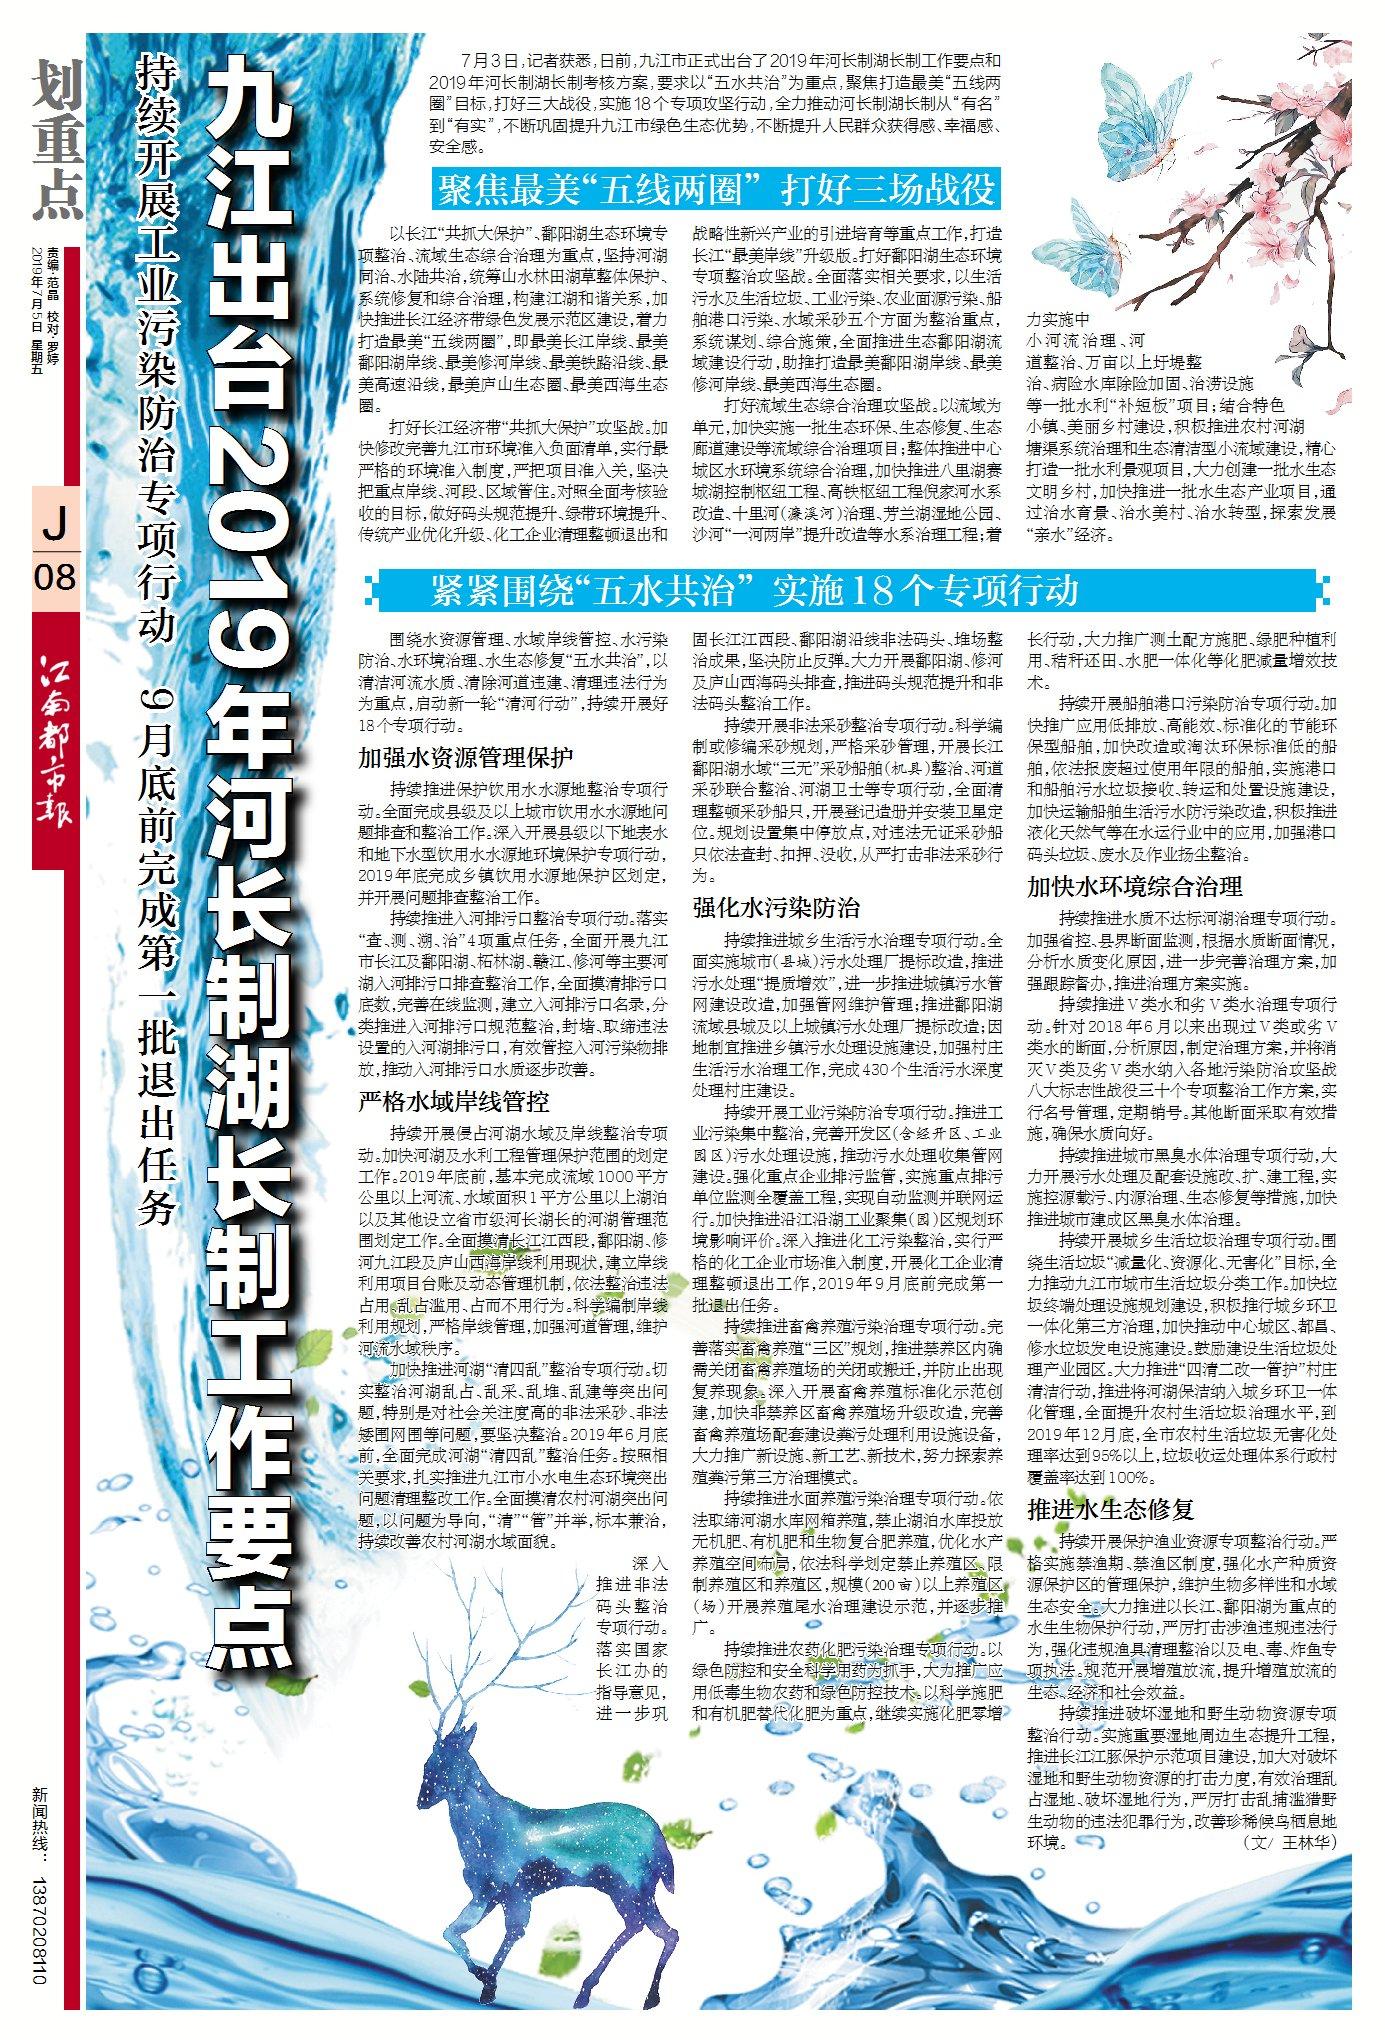 2019年7月5日江南都市报《亚博体育app苹果新闻》关注版